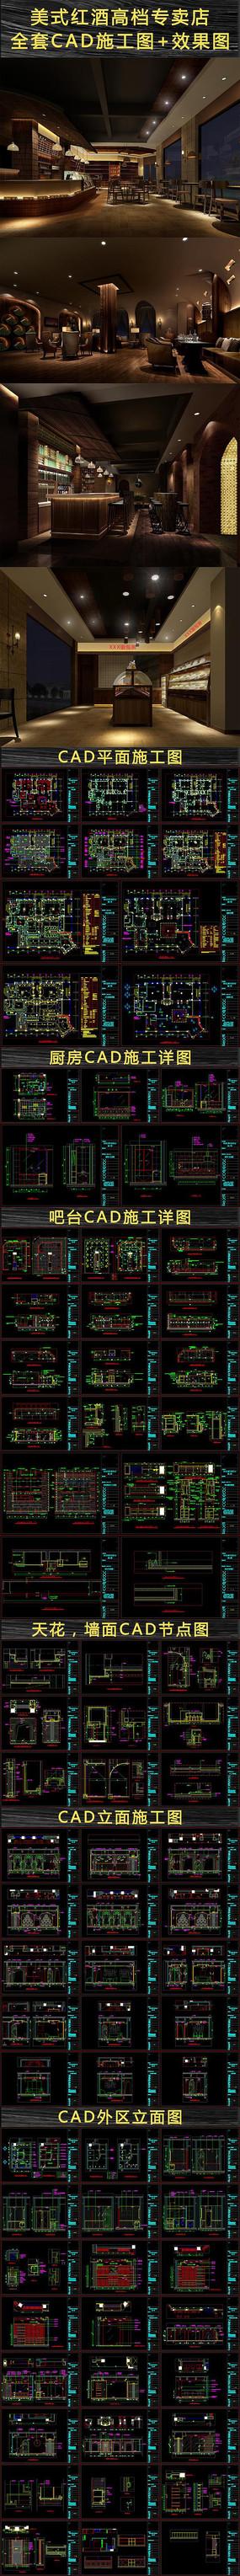 红酒专卖店CAD施工图效果图